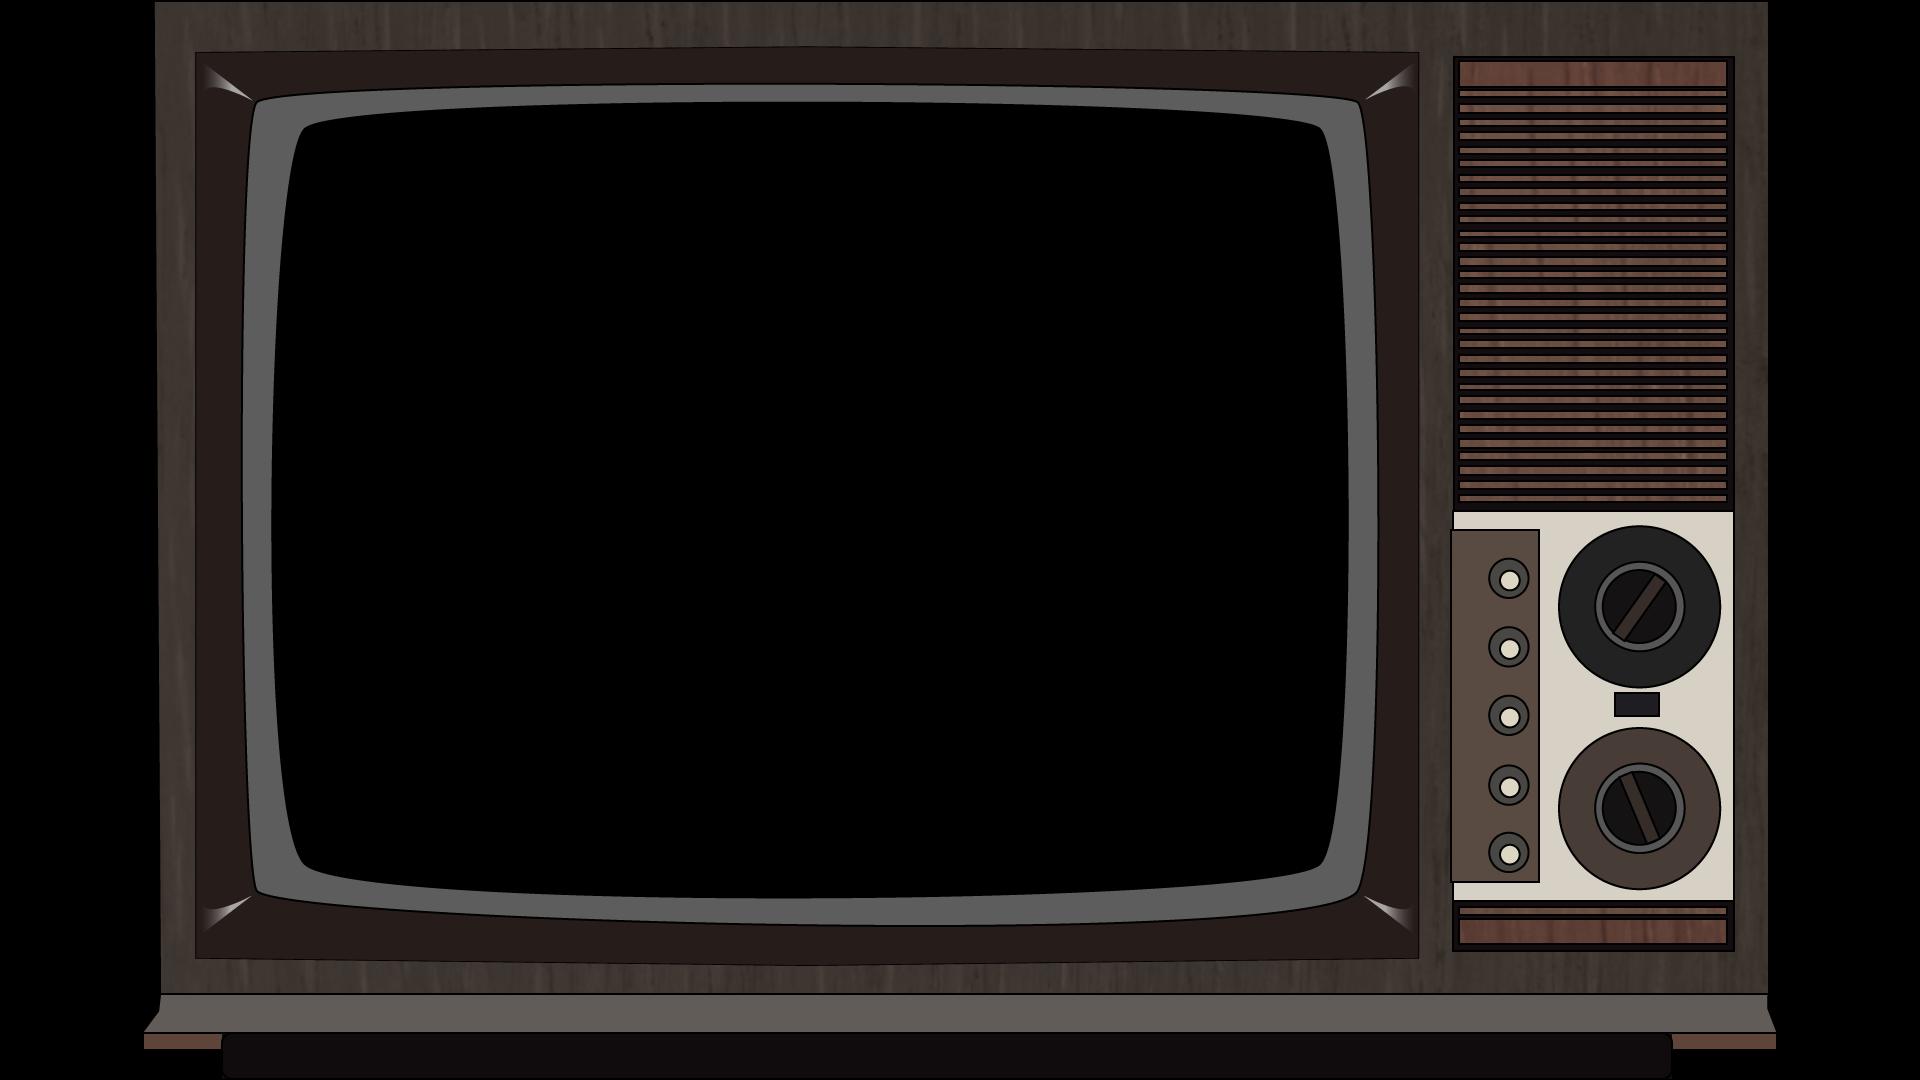 Old Television PNG Image Vintage tv, Television, Framed tv